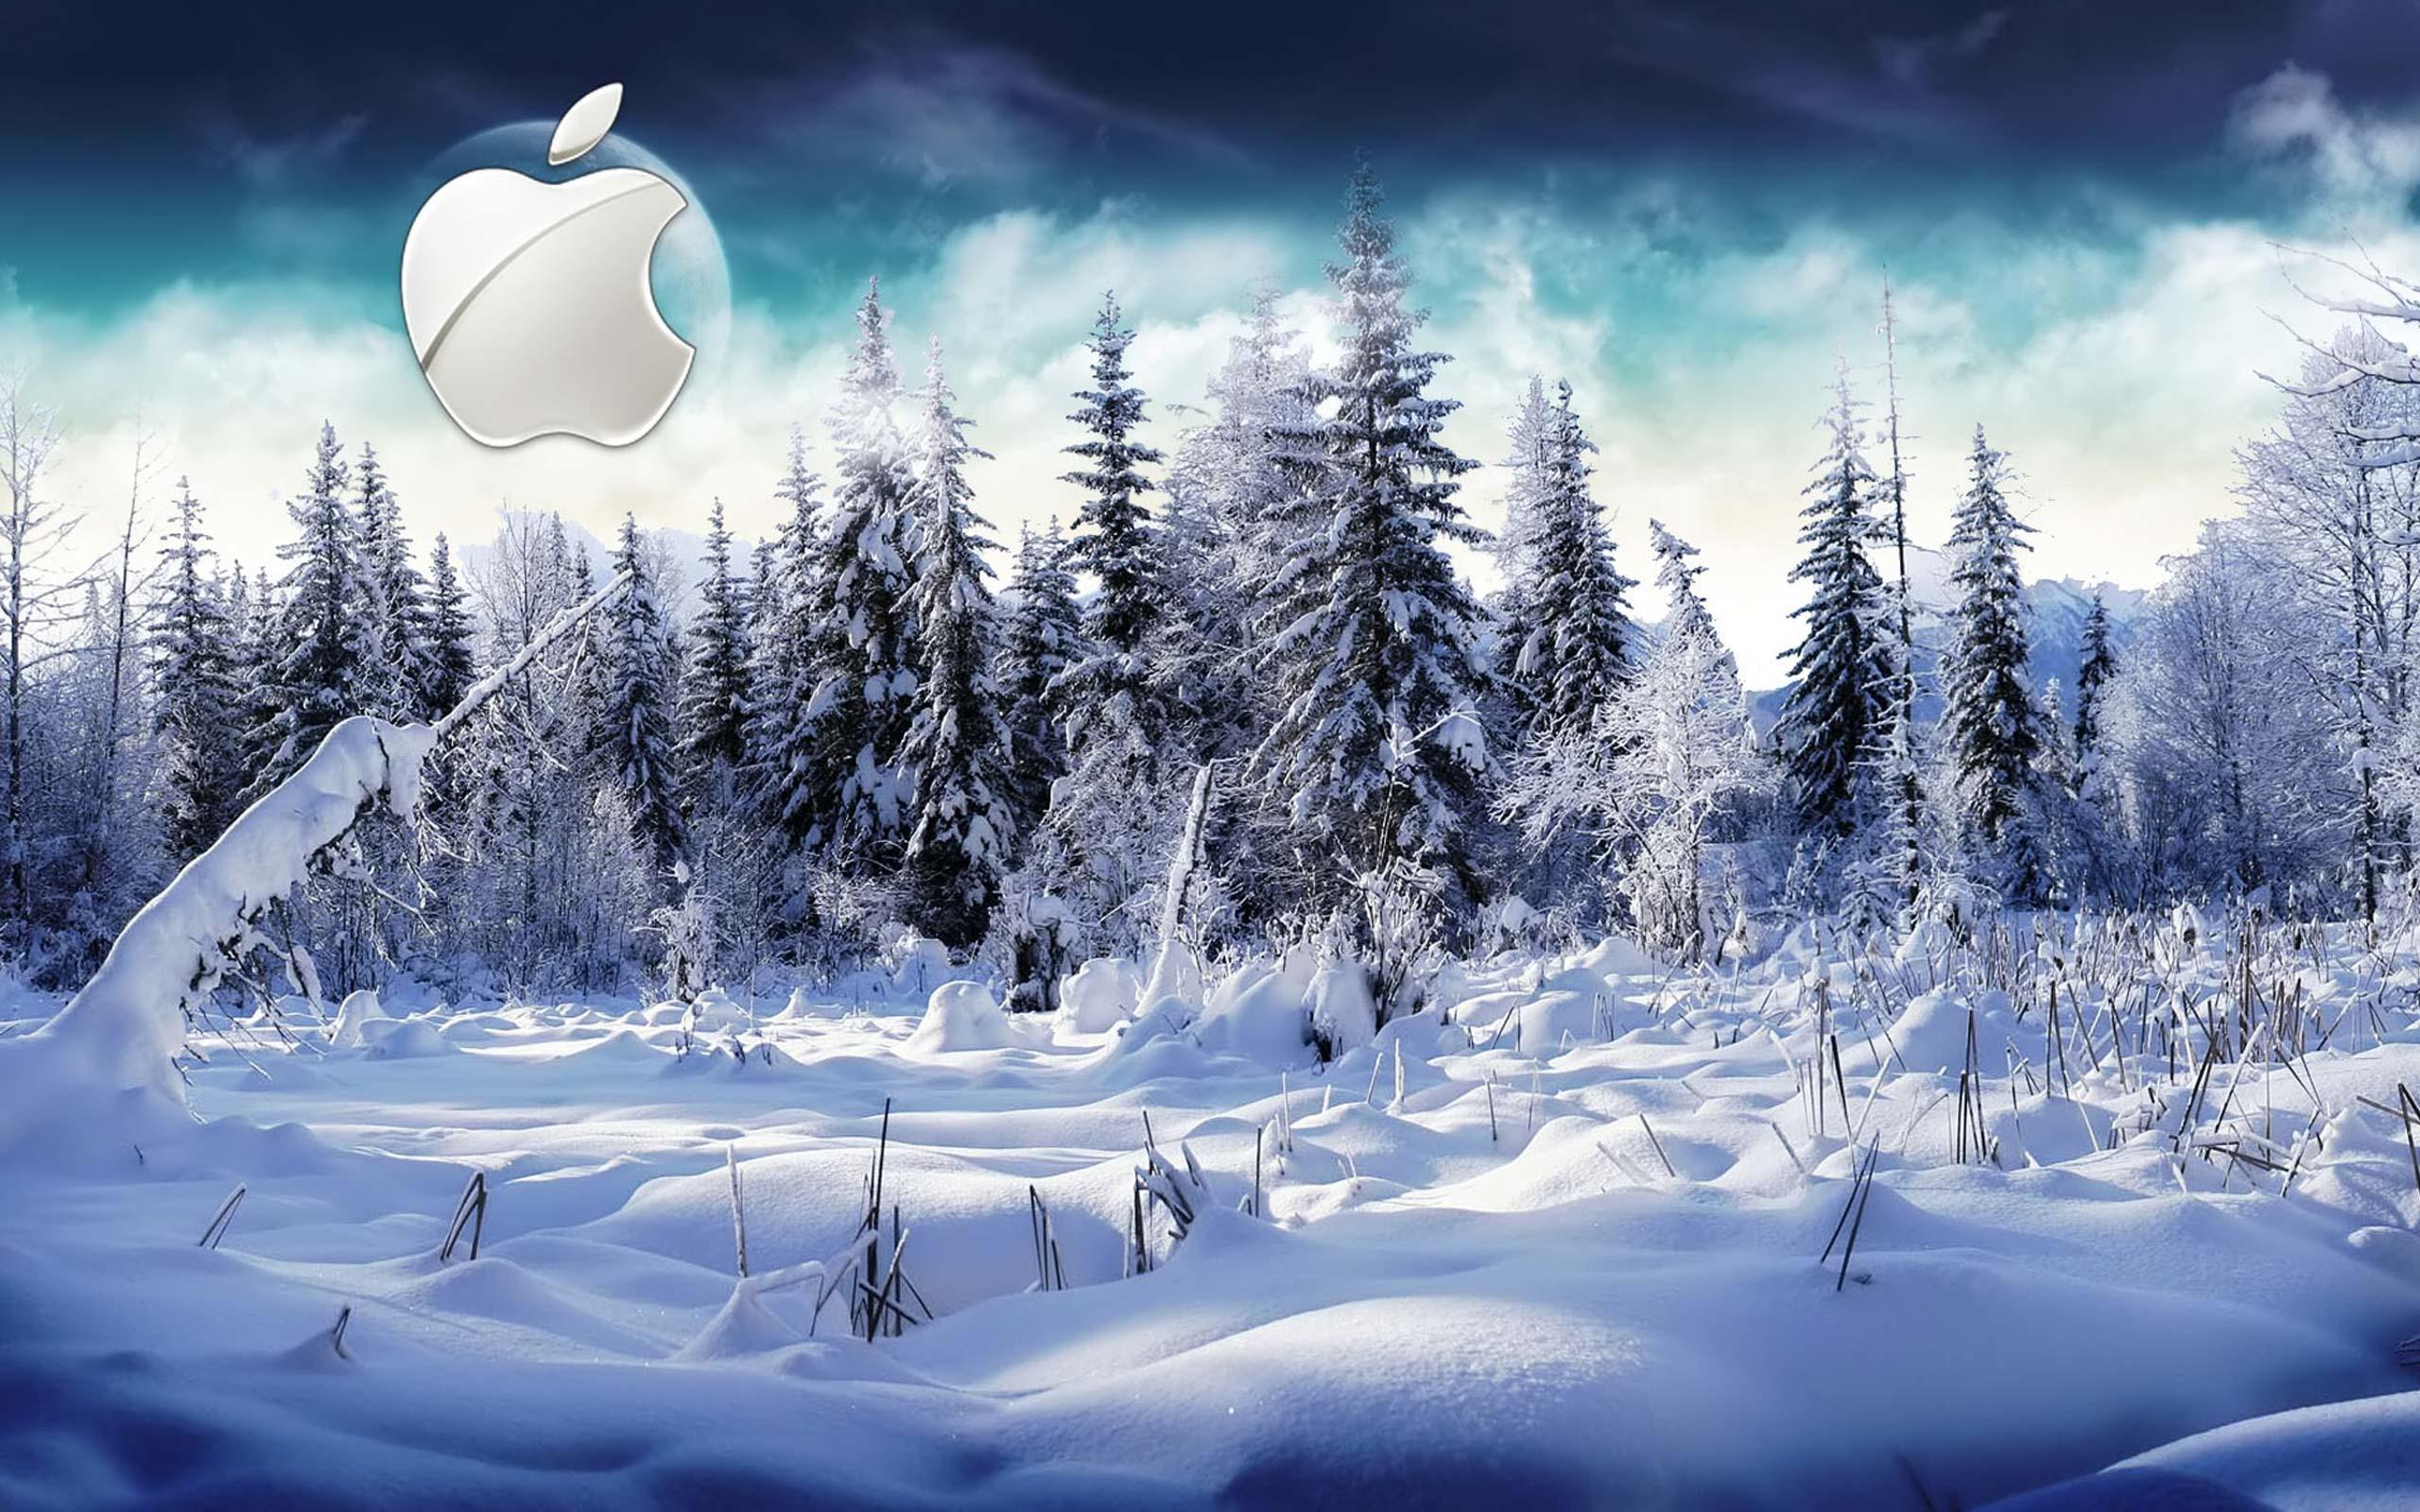 Desktop Wallpaper · Gallery · Computers · Winter Apple Mac .